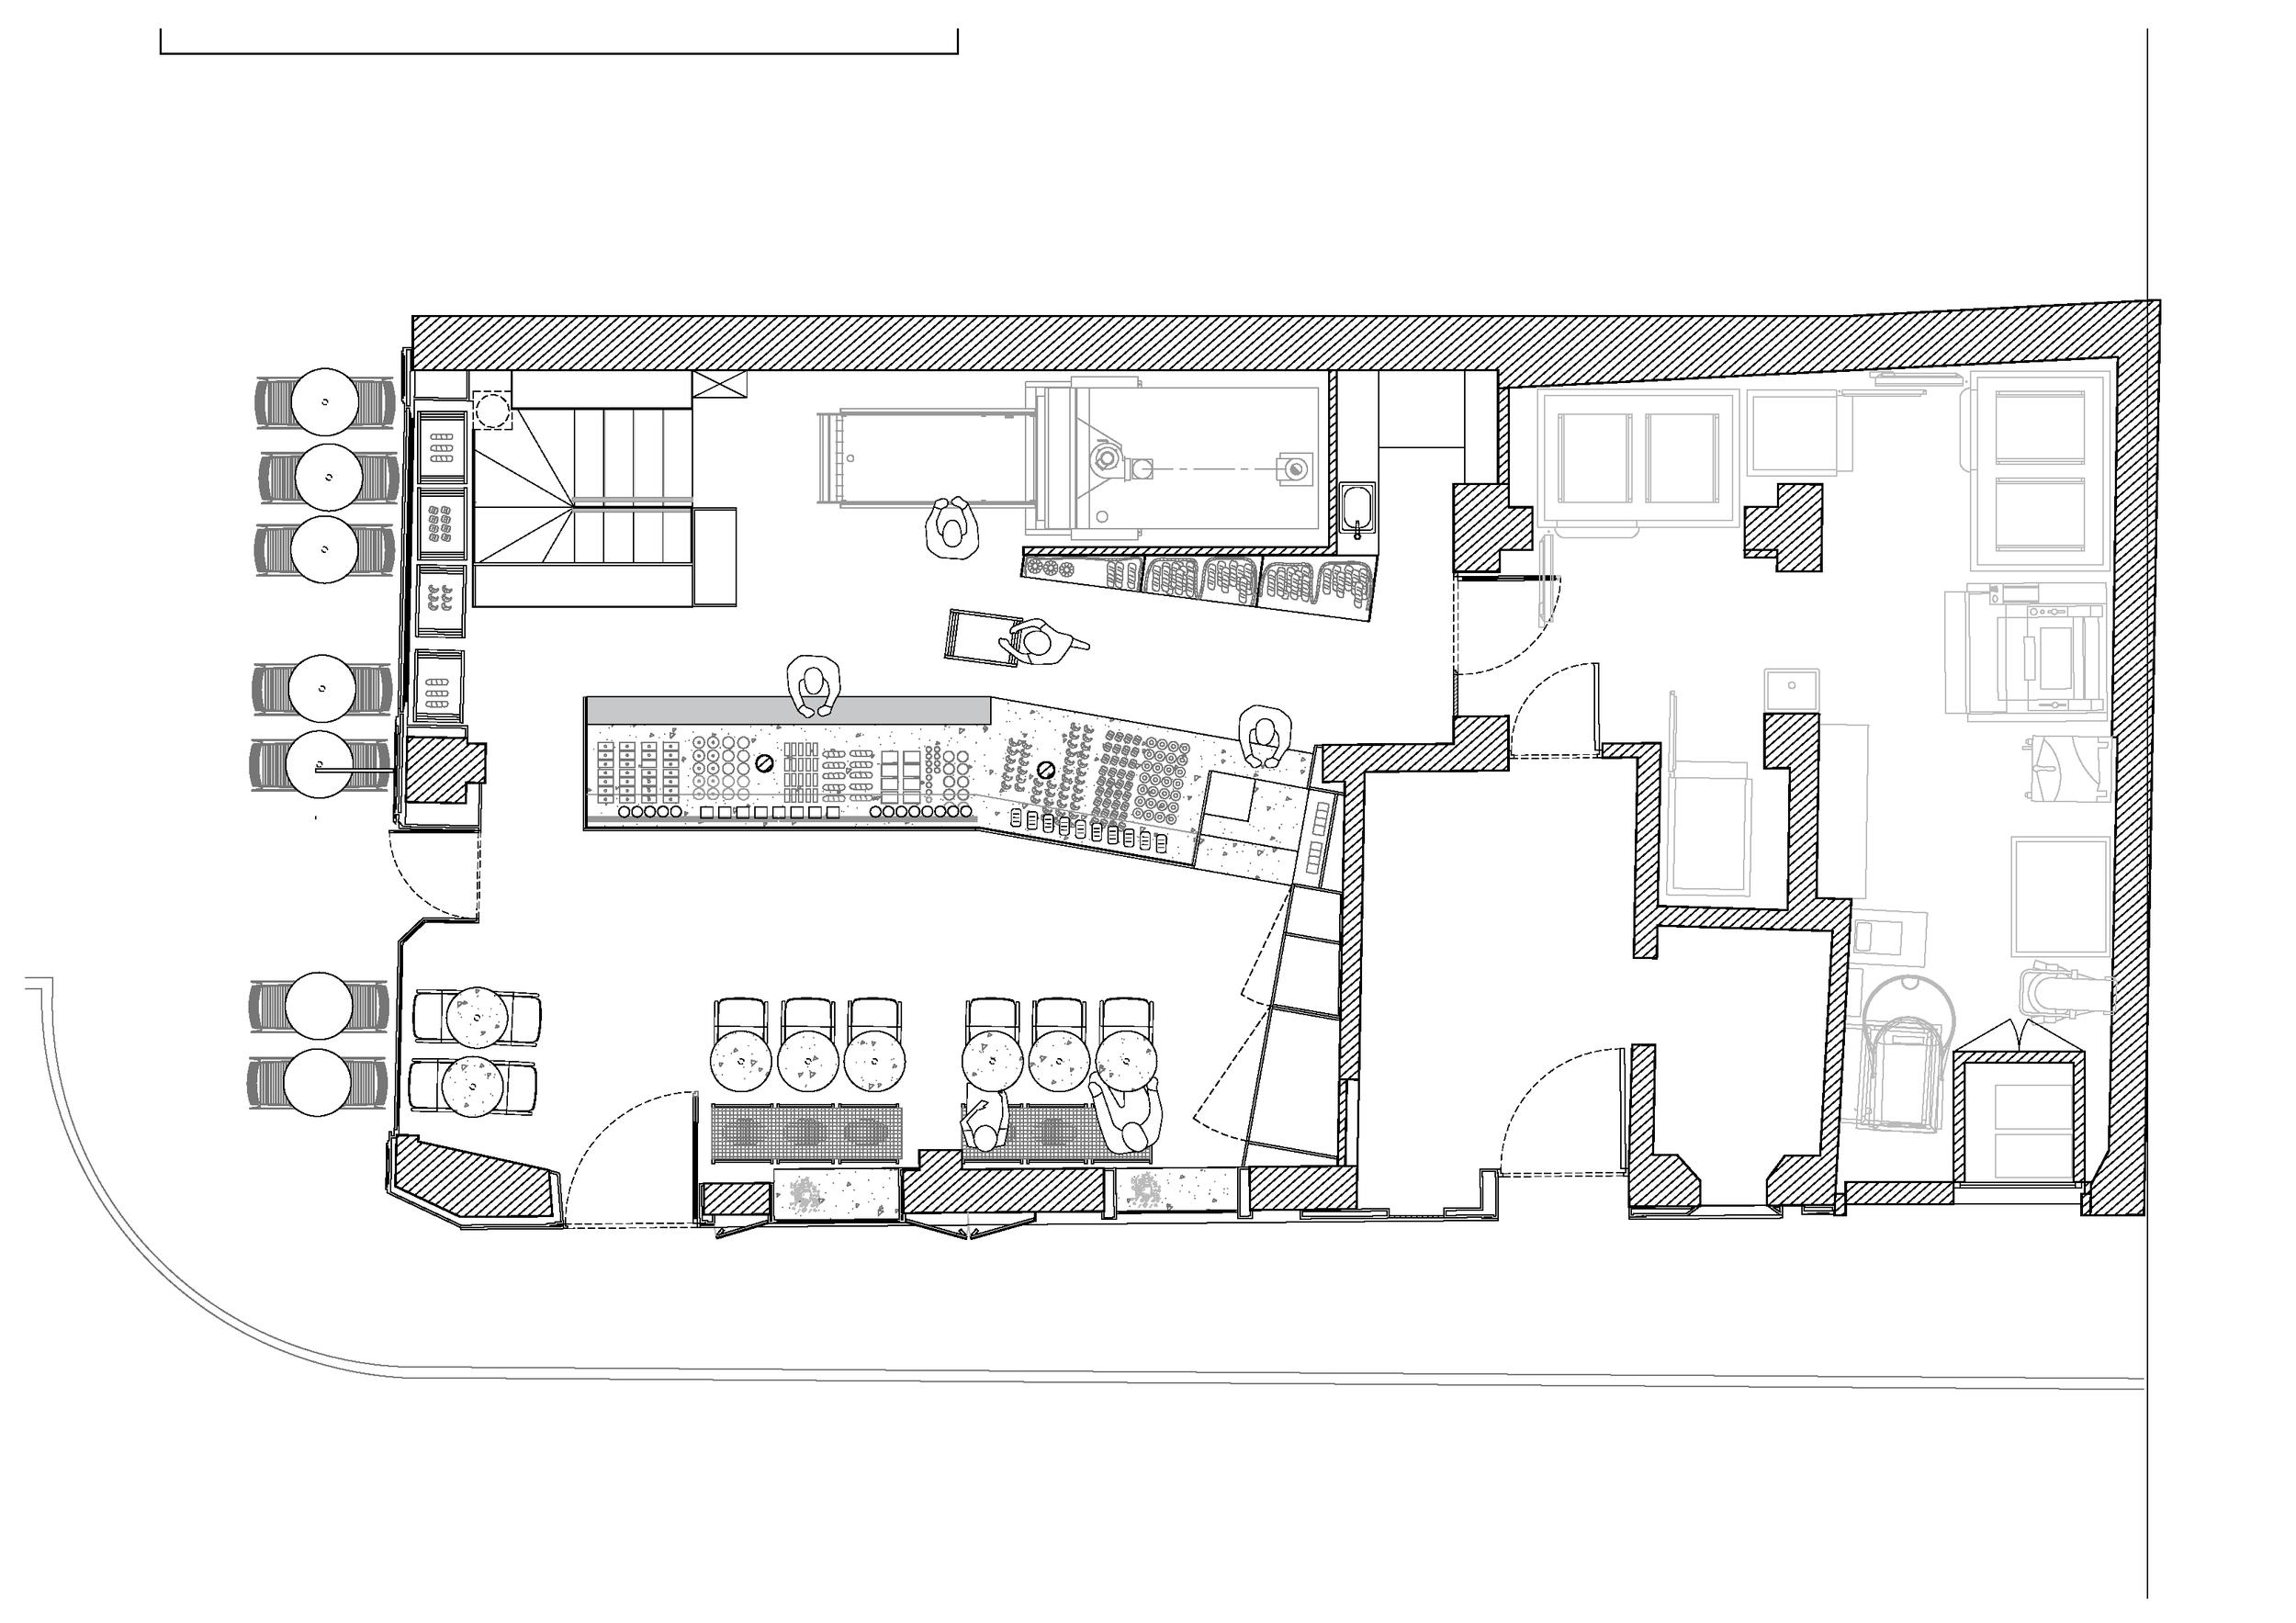 123 - Chez Meunier rue St Denis CUT architectures GF plan.png